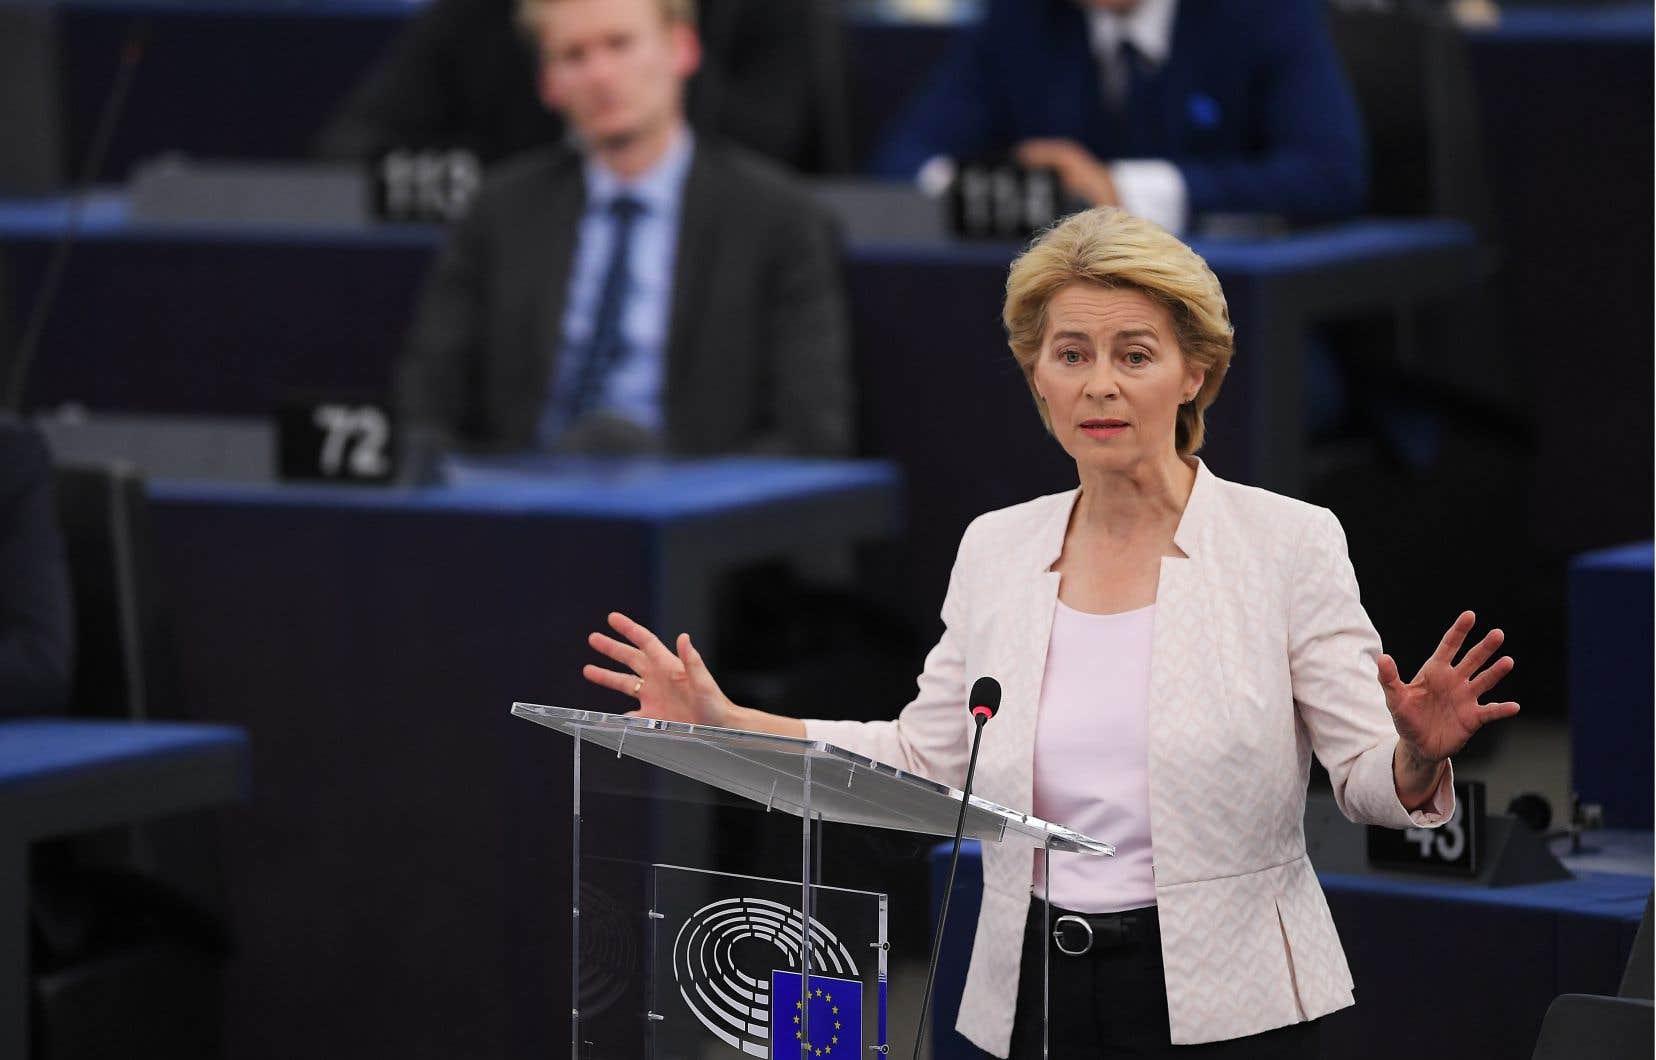 L'Allemande Ursula von der Leyen espère devenir la première femme présidente de la Commission européenne.